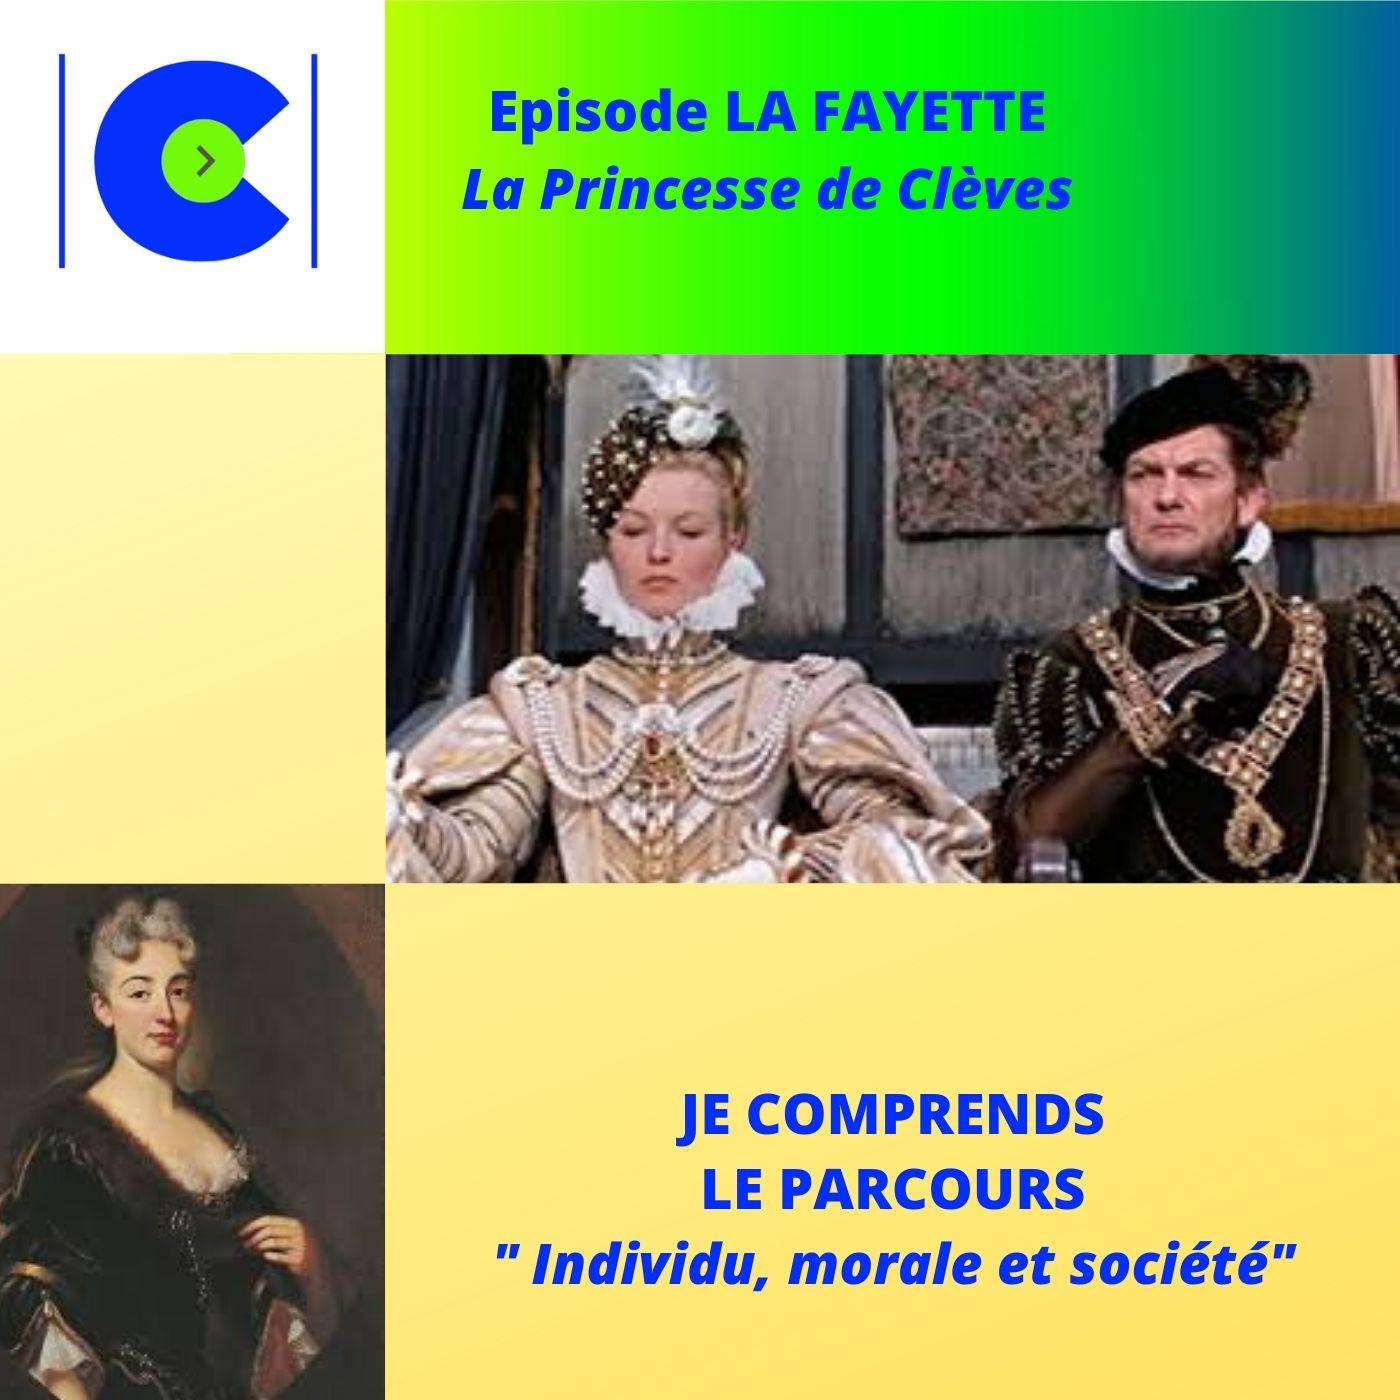 PARCOURS LAFAYETTE